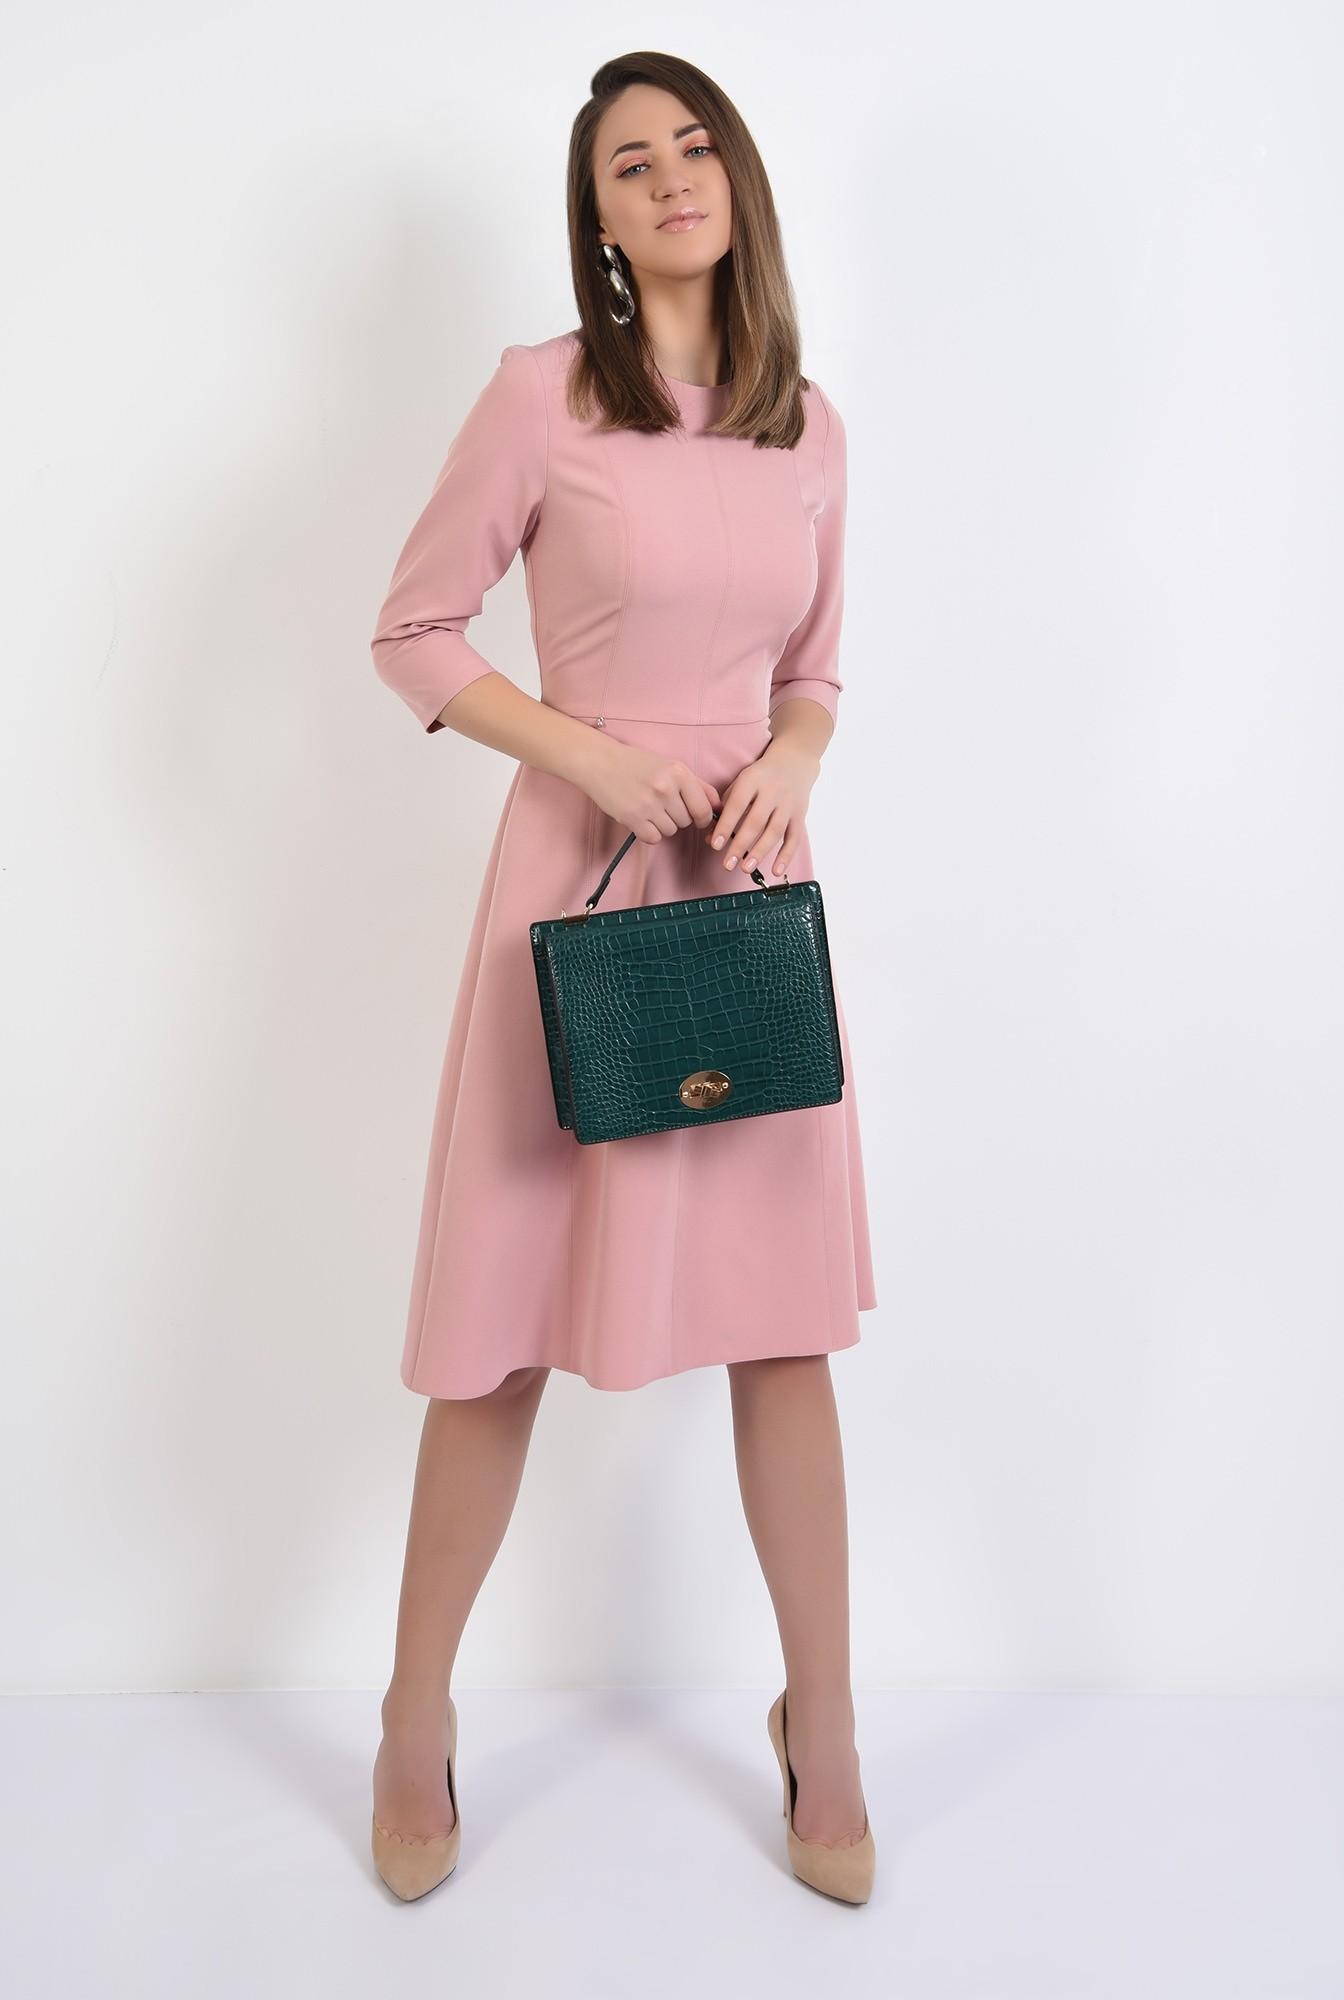 3 -  rochie midi, evazata, roz, rochie de primavara, cusaturi decorative